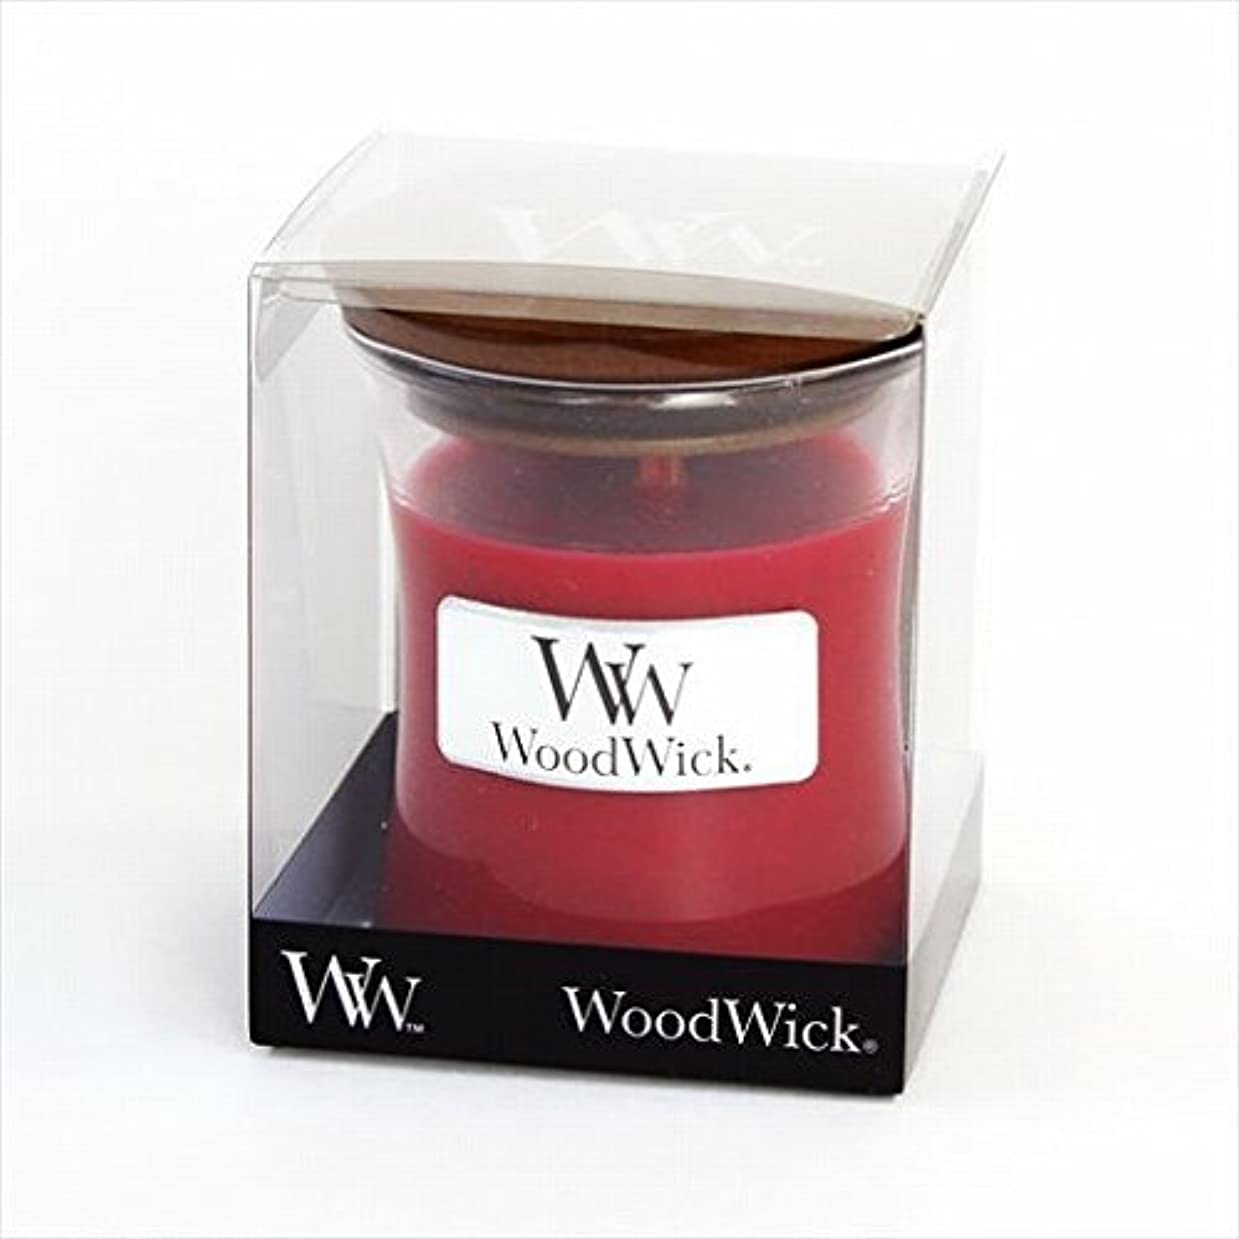 学校エゴイズム感心するカメヤマキャンドル( kameyama candle ) Wood Wick ジャーS 「 カラント 」